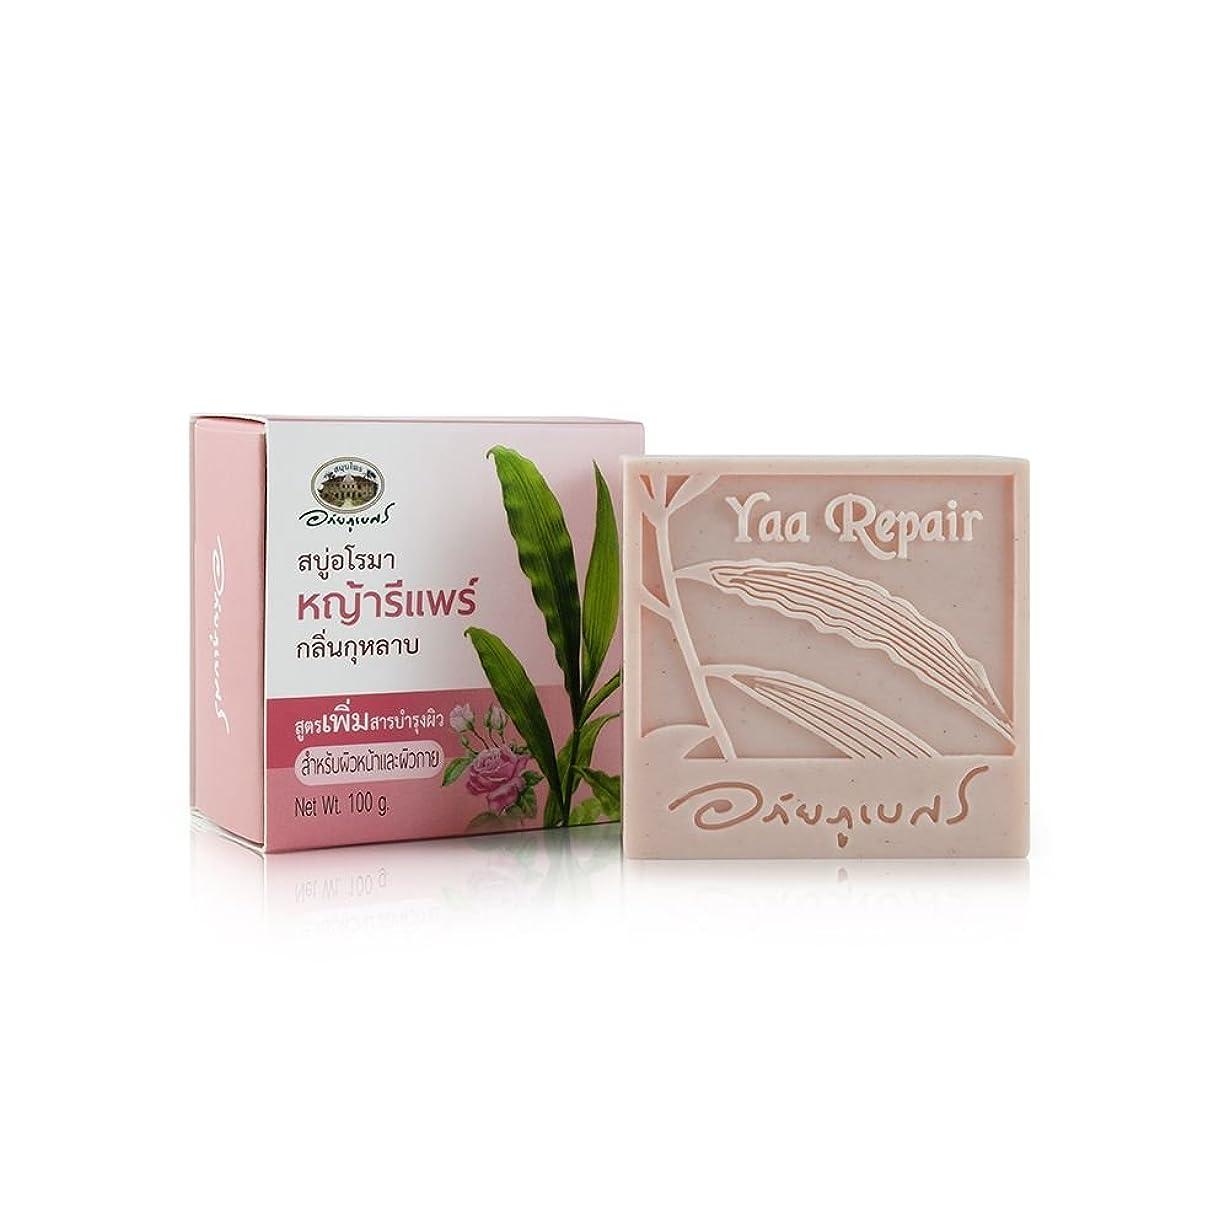 デクリメントコメントポンペイAbhaibhubejhr Thai Aromatherapy With Rose Skin Care Formula Herbal Body Face Cleaning Soap 100g. Abhaibhubejhrタイのアロマテラピーとローズスキンケアフォーミュラハーブボディフェイス100g。